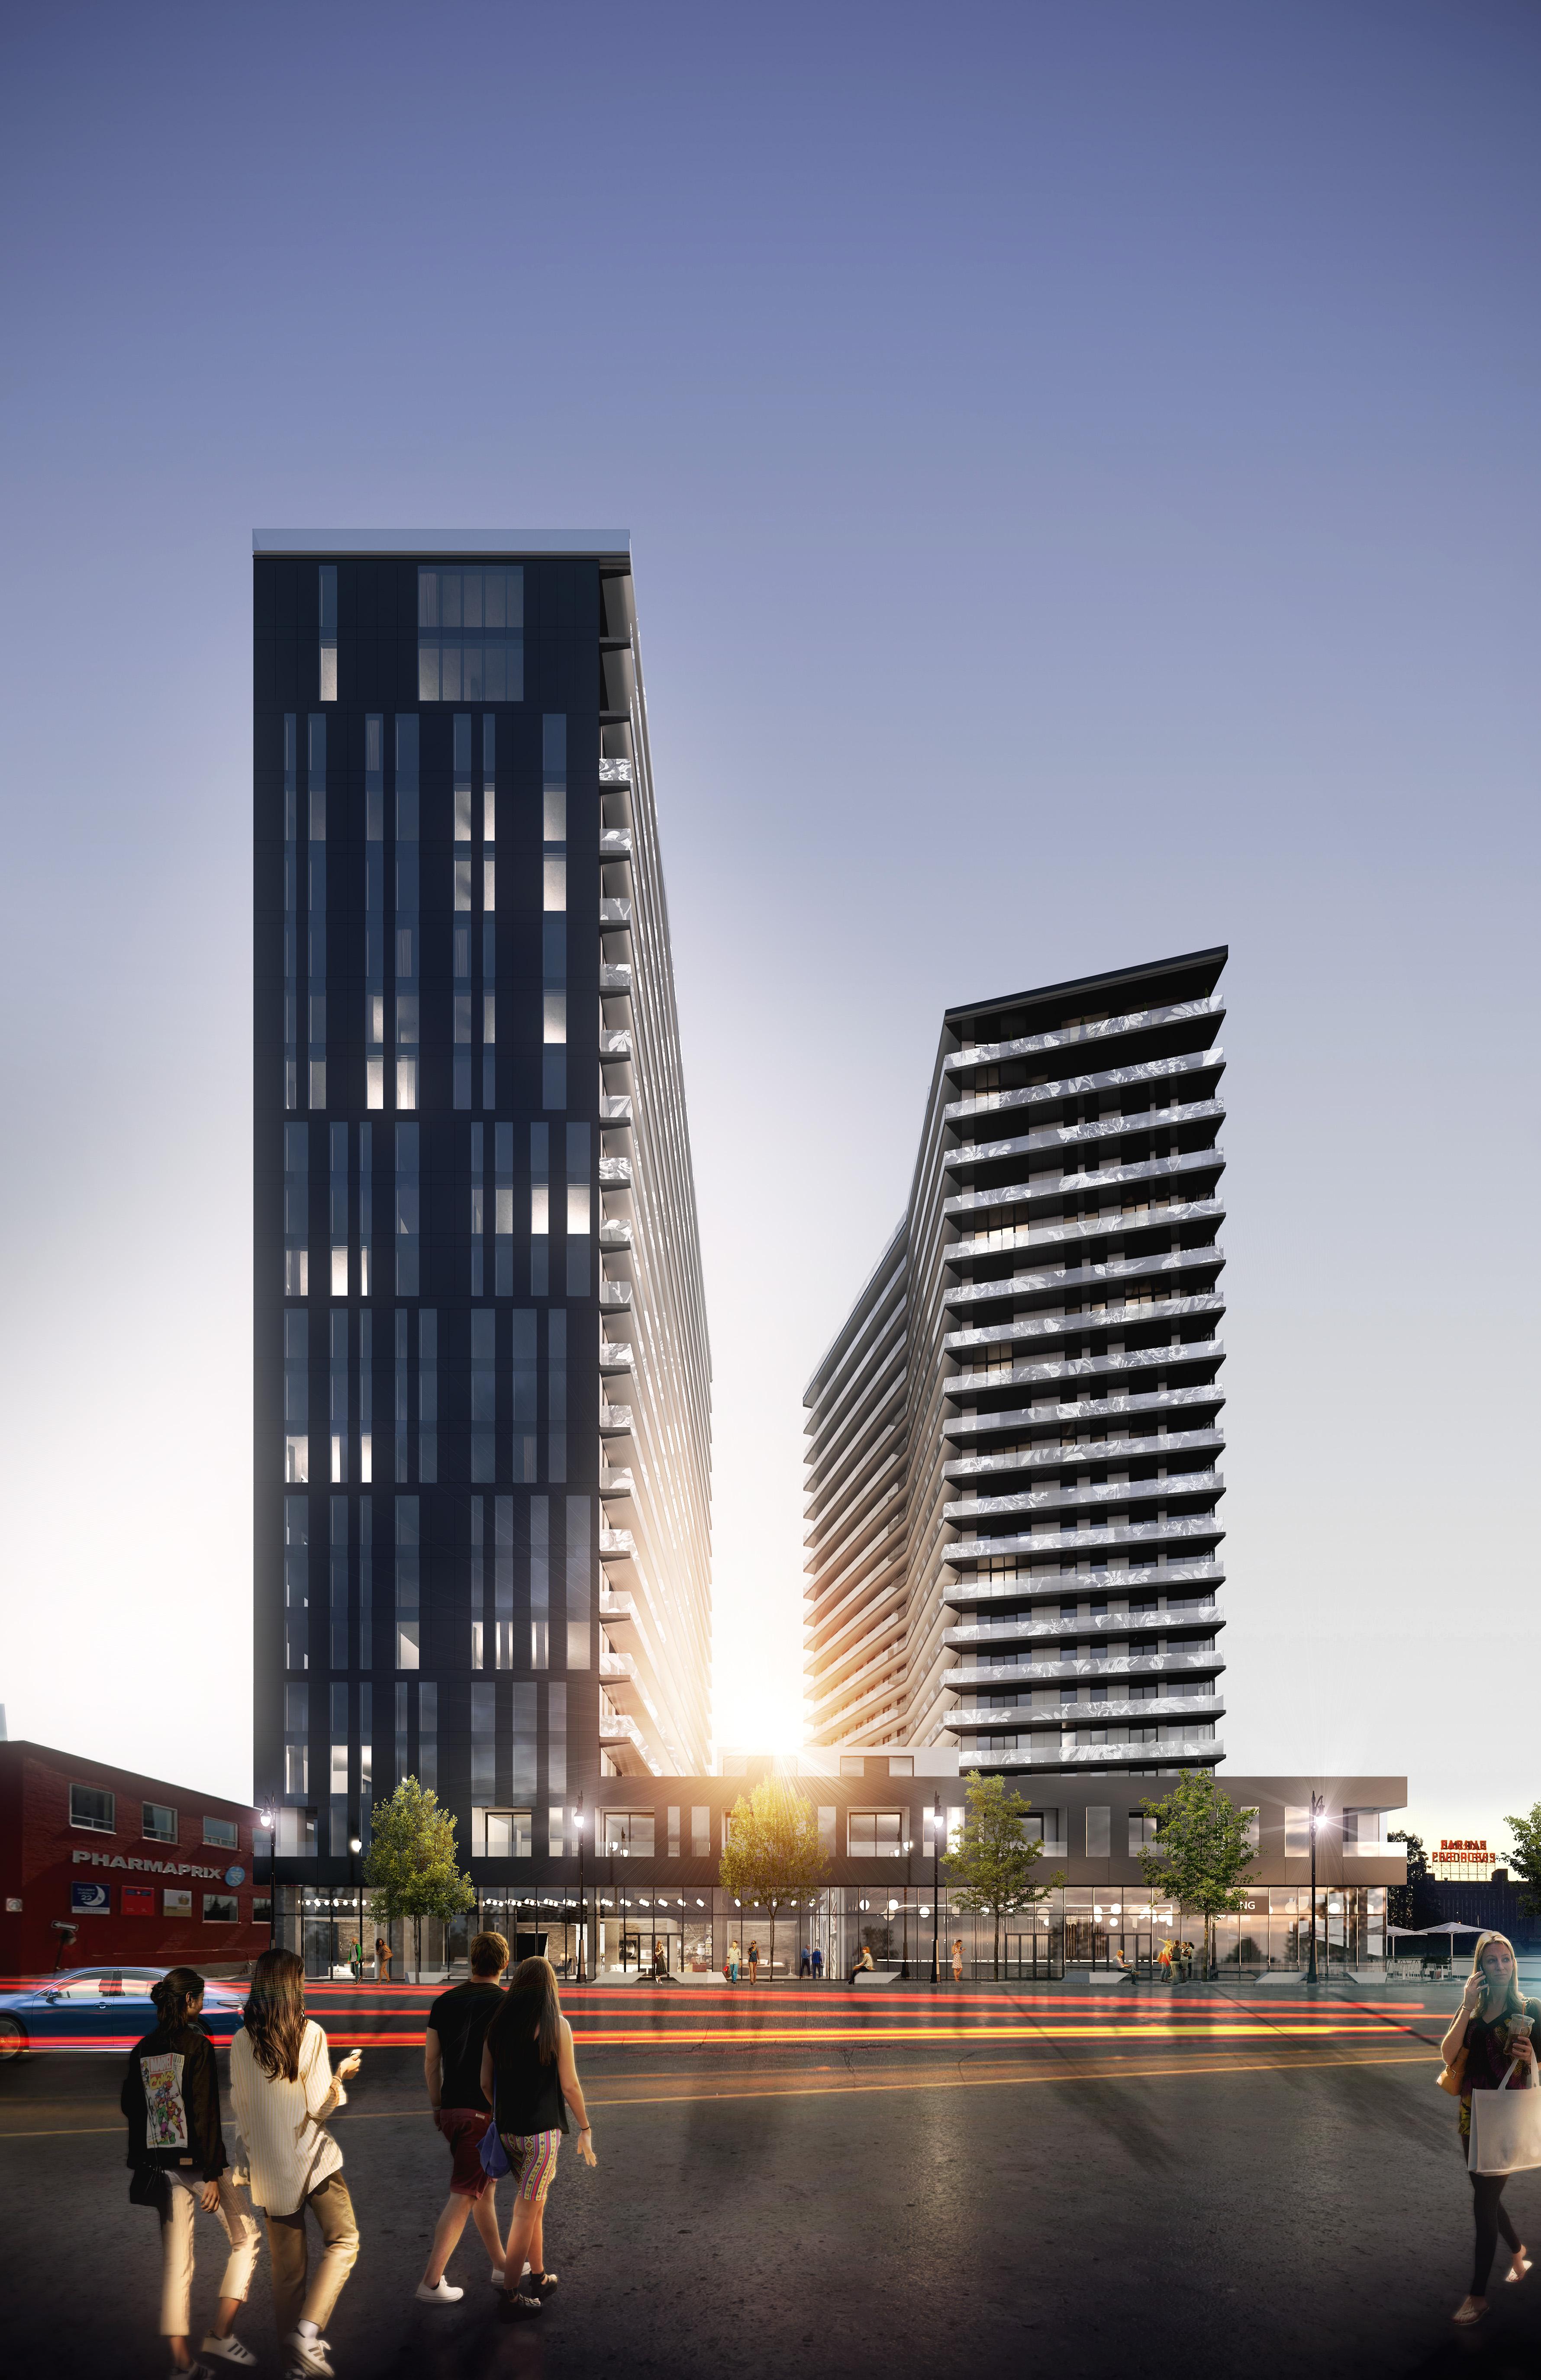 Devimco Immobilier lance un concours pour l'intégration d'une œuvre d'art de 21 étages à son projet MaryRobert